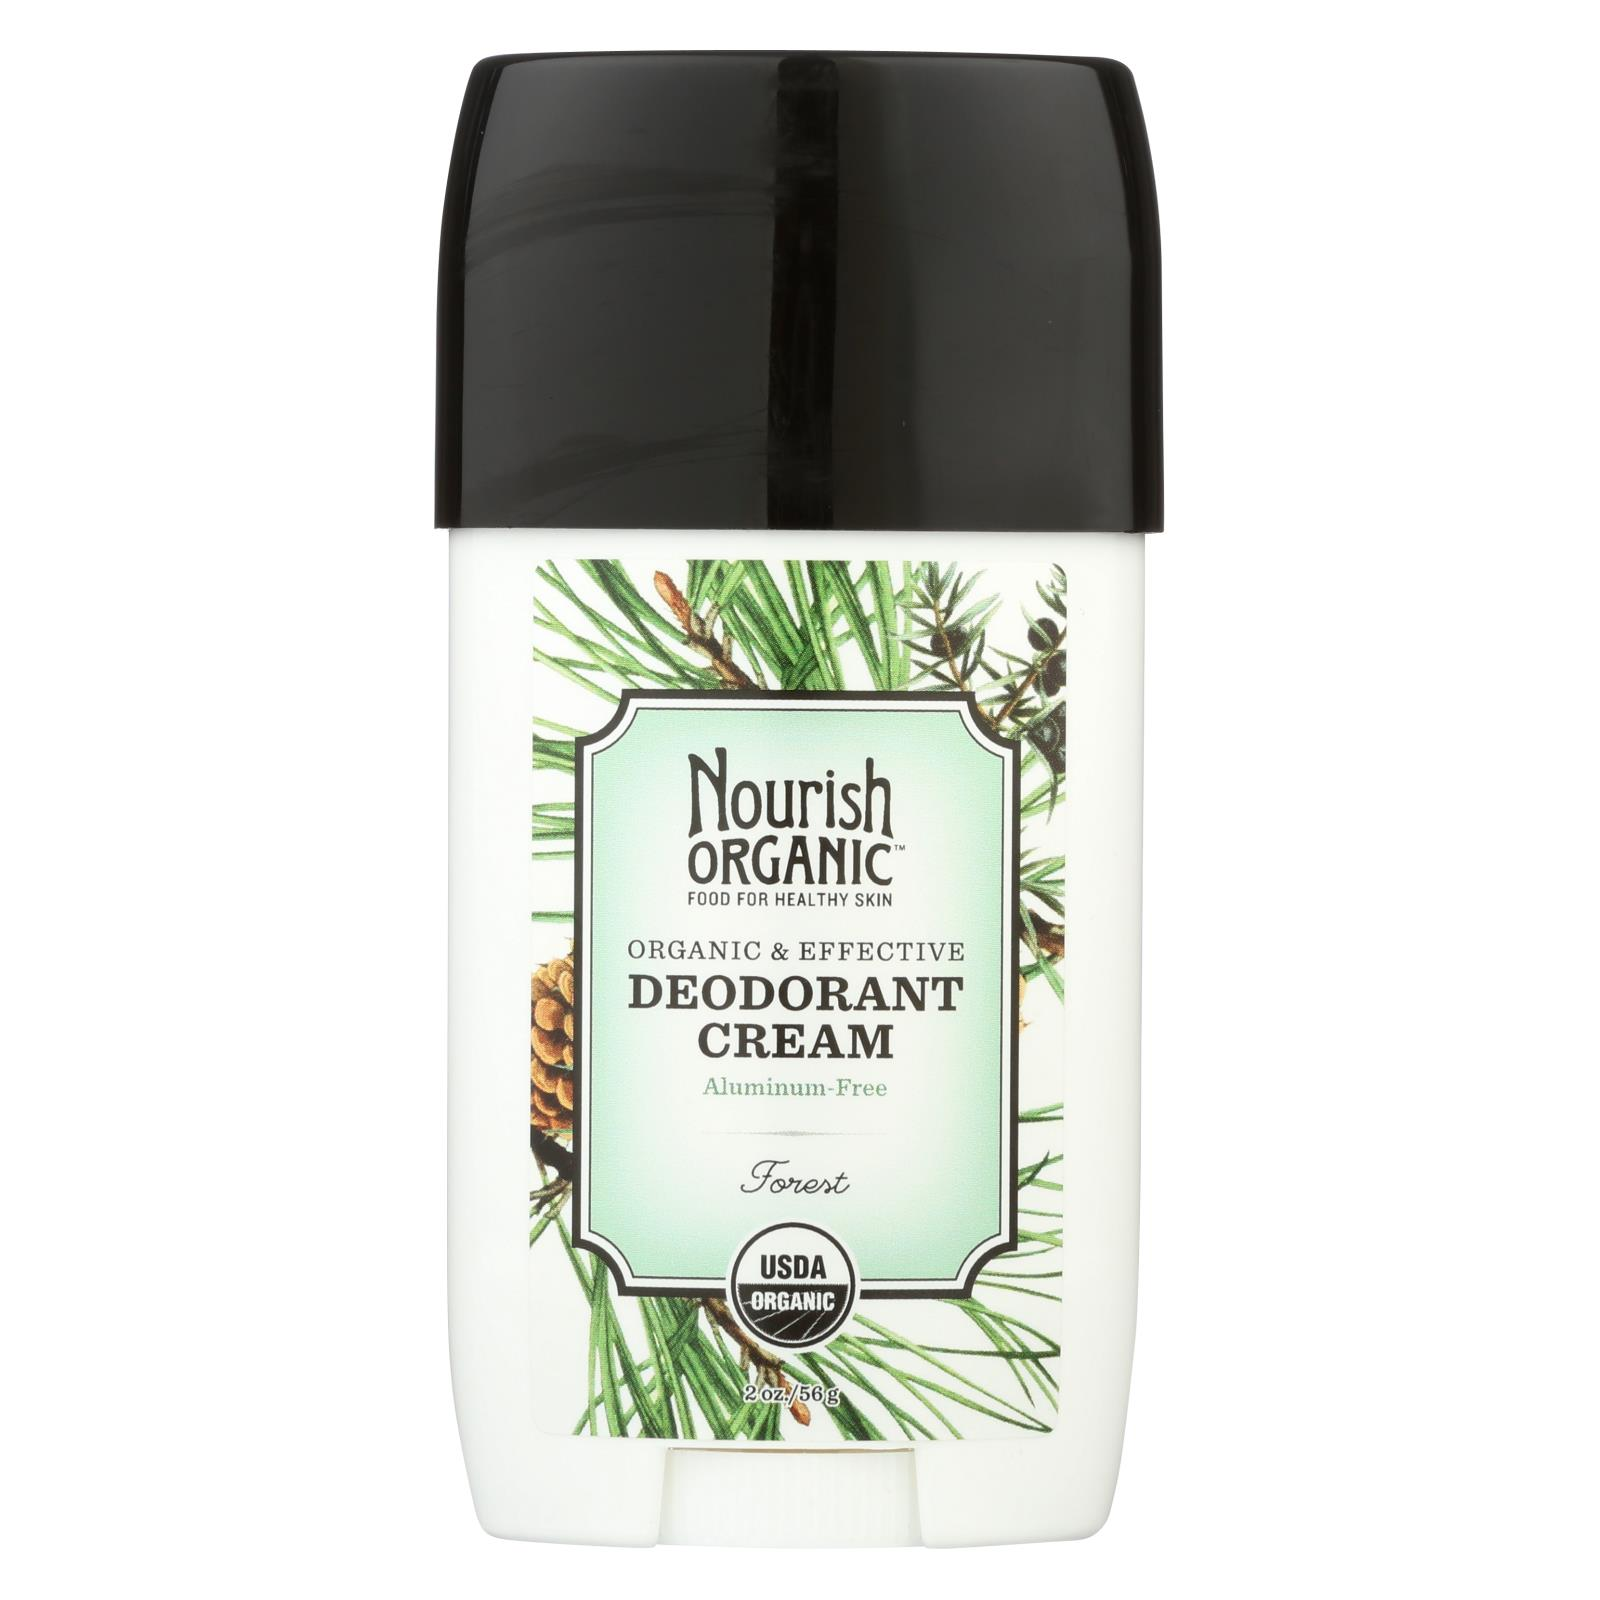 Nourish Organic Deodorant